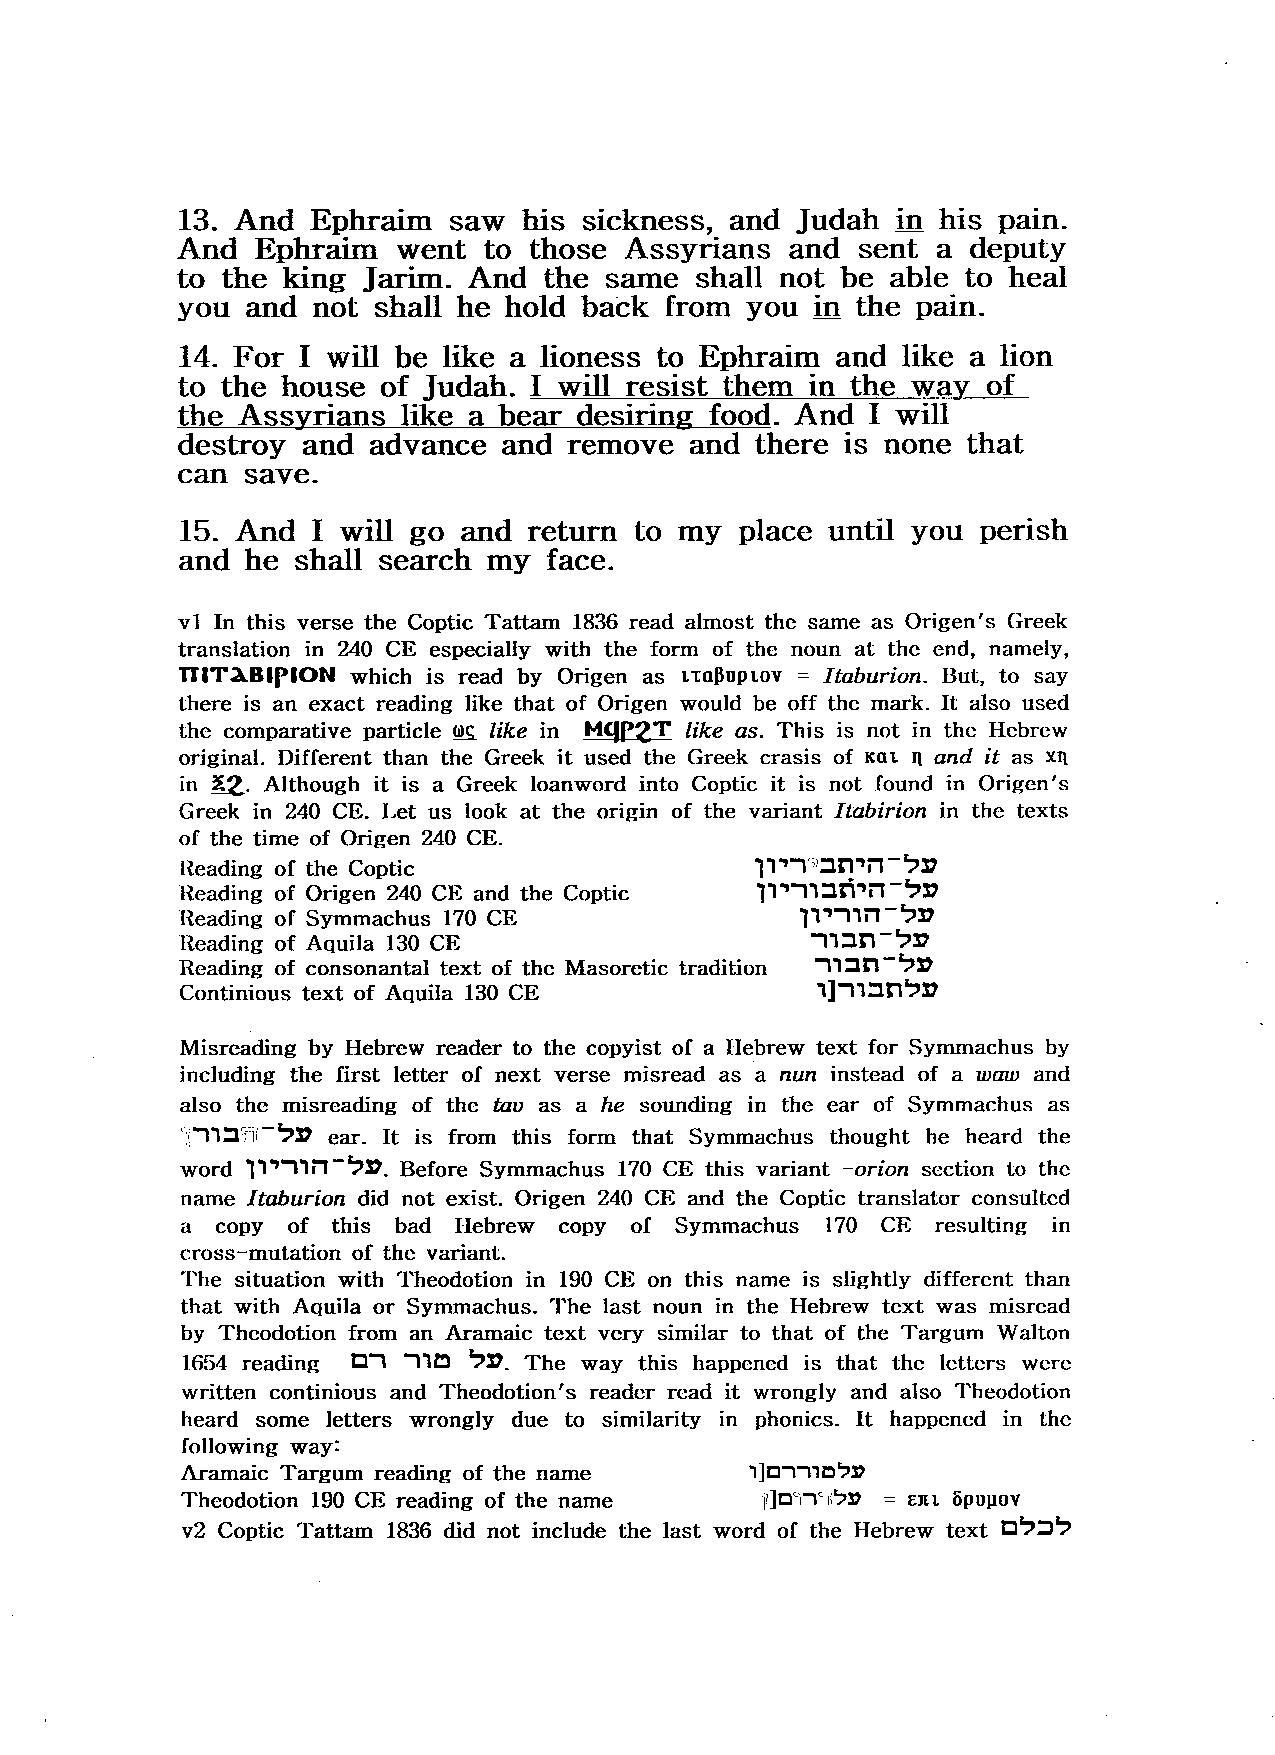 coptic of hosea in english 5b.jpg